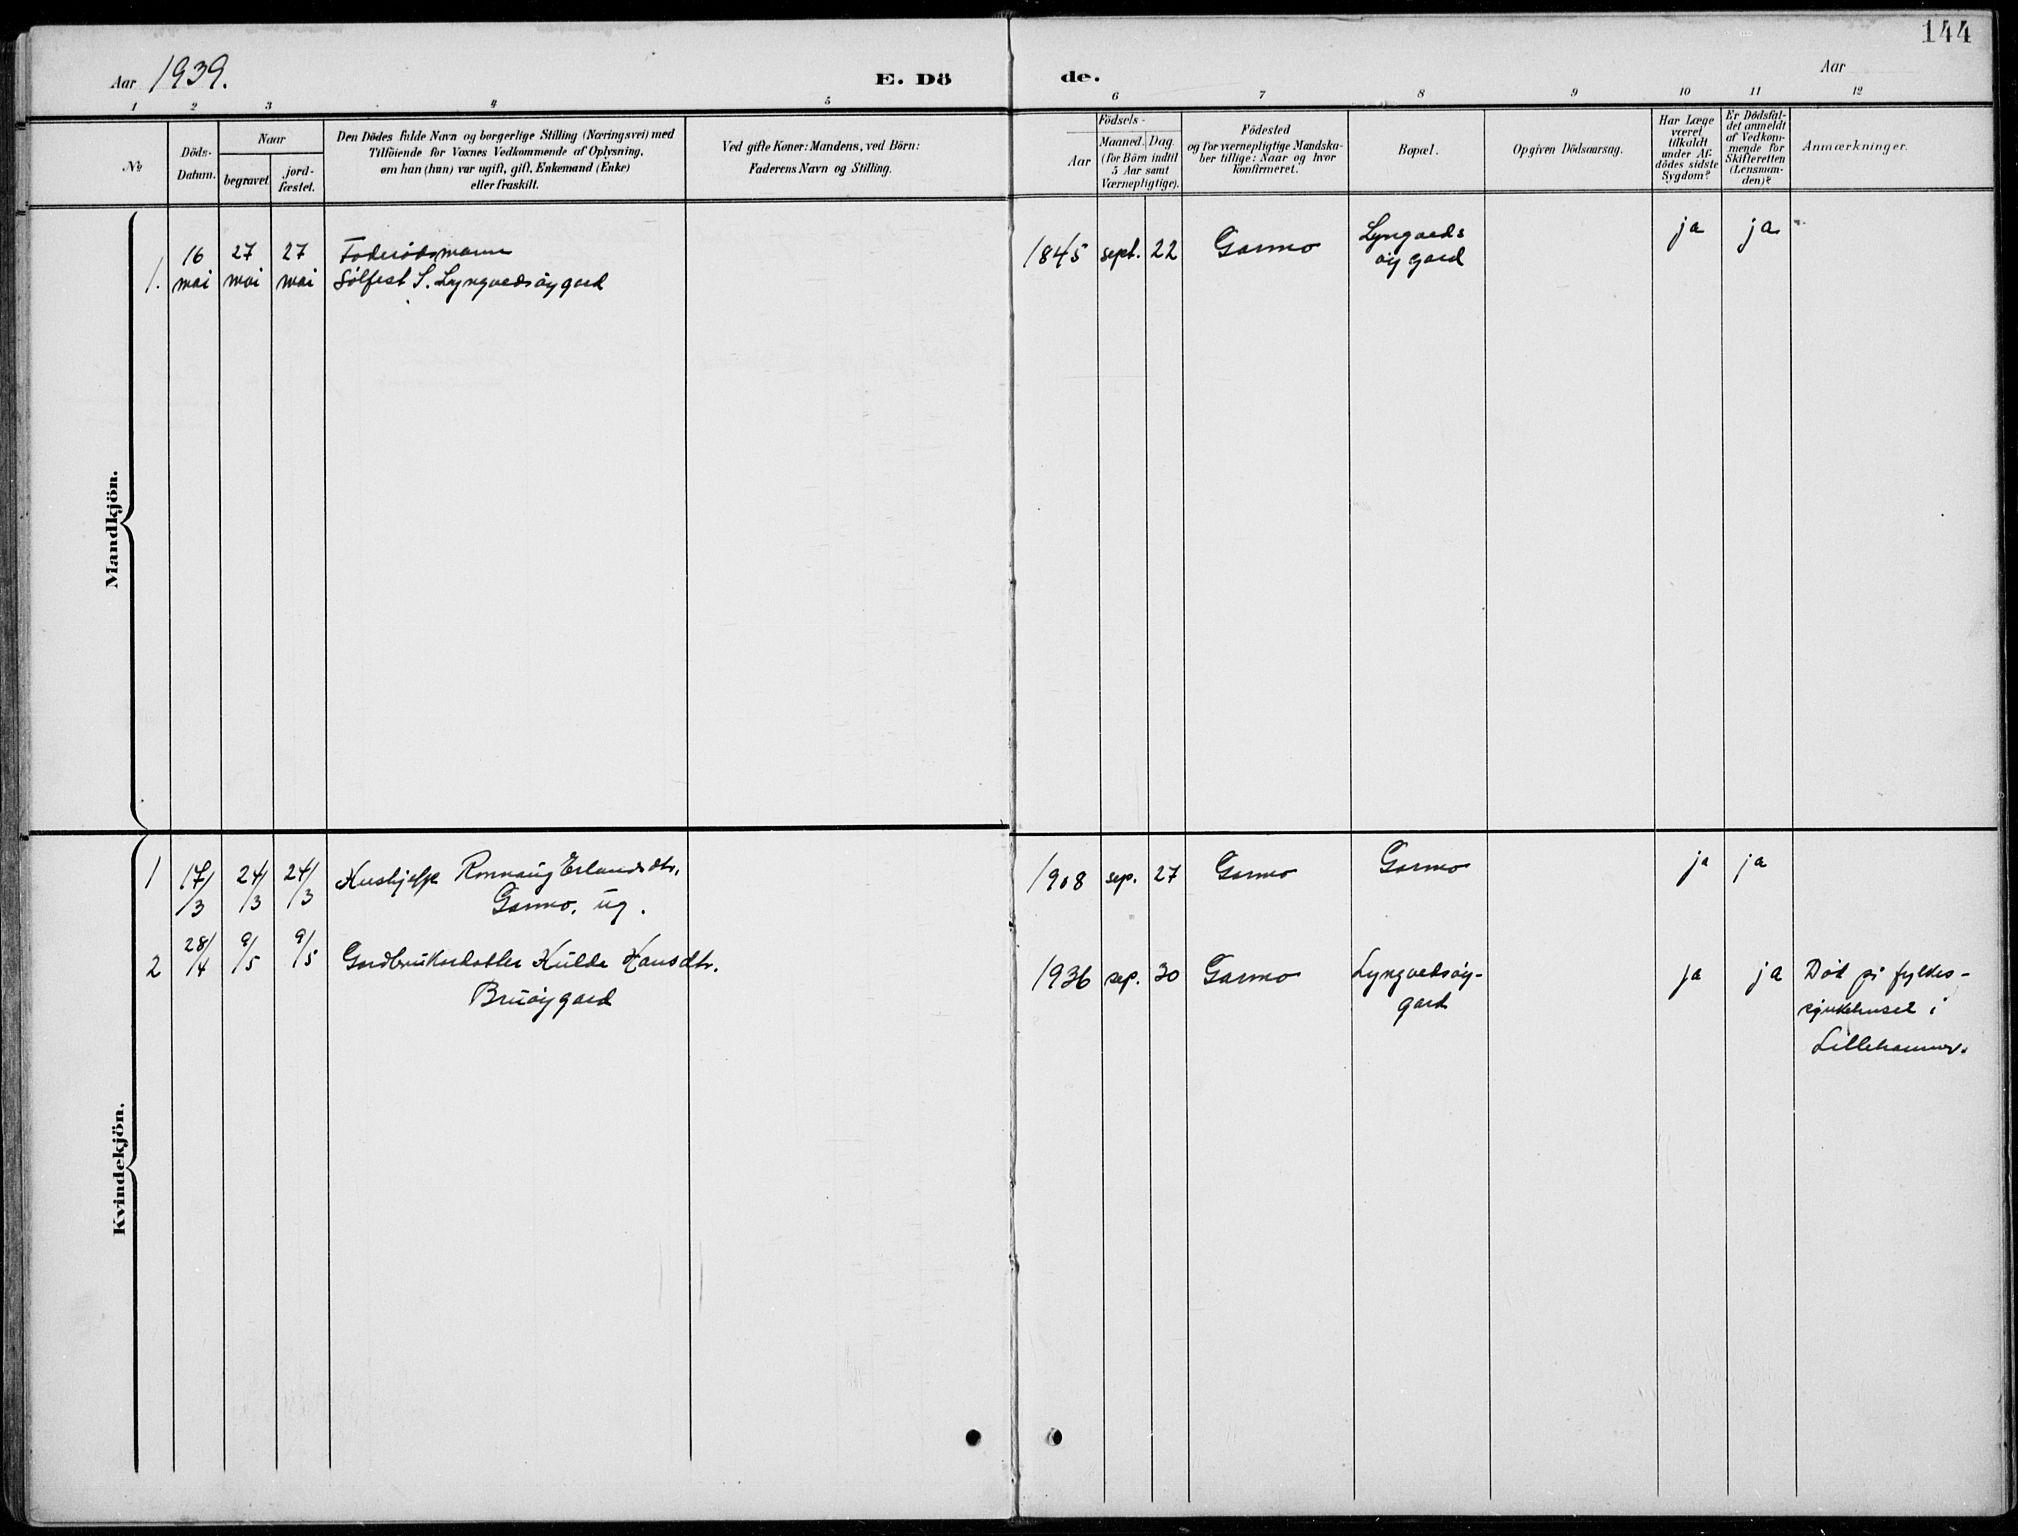 SAH, Lom prestekontor, L/L0006: Klokkerbok nr. 6, 1901-1939, s. 144